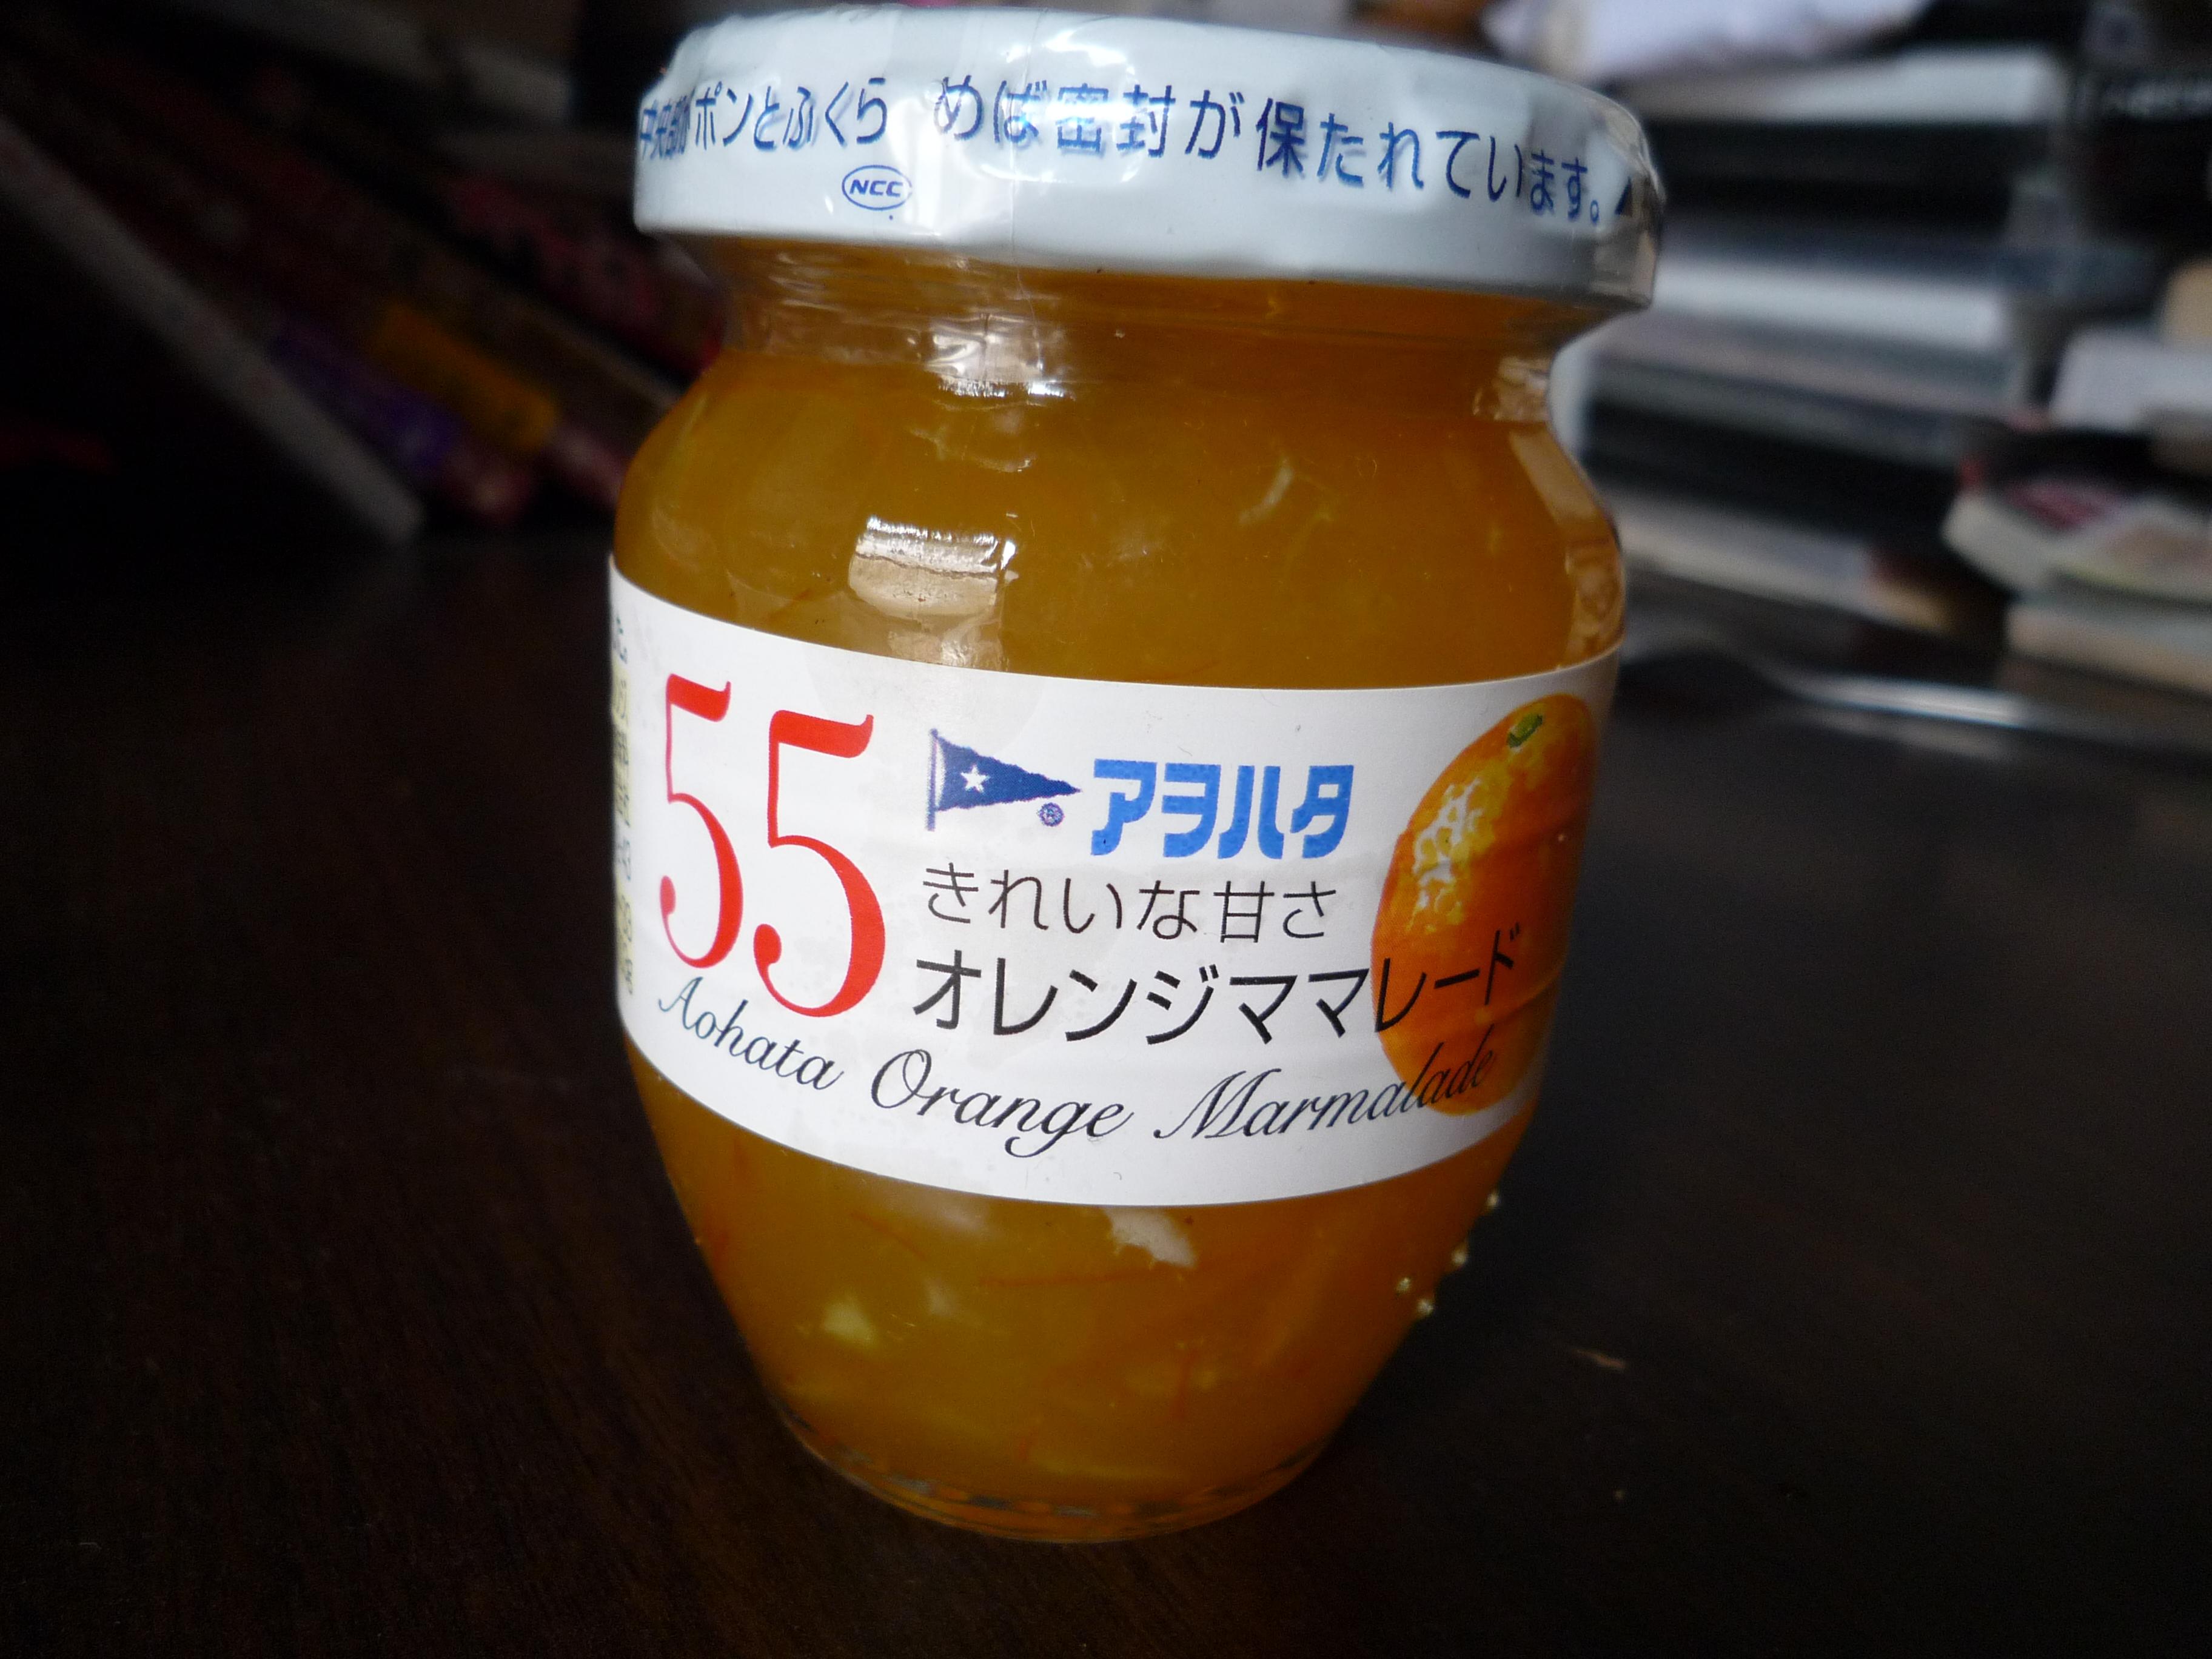 アヲハタ オレンジマーマレード